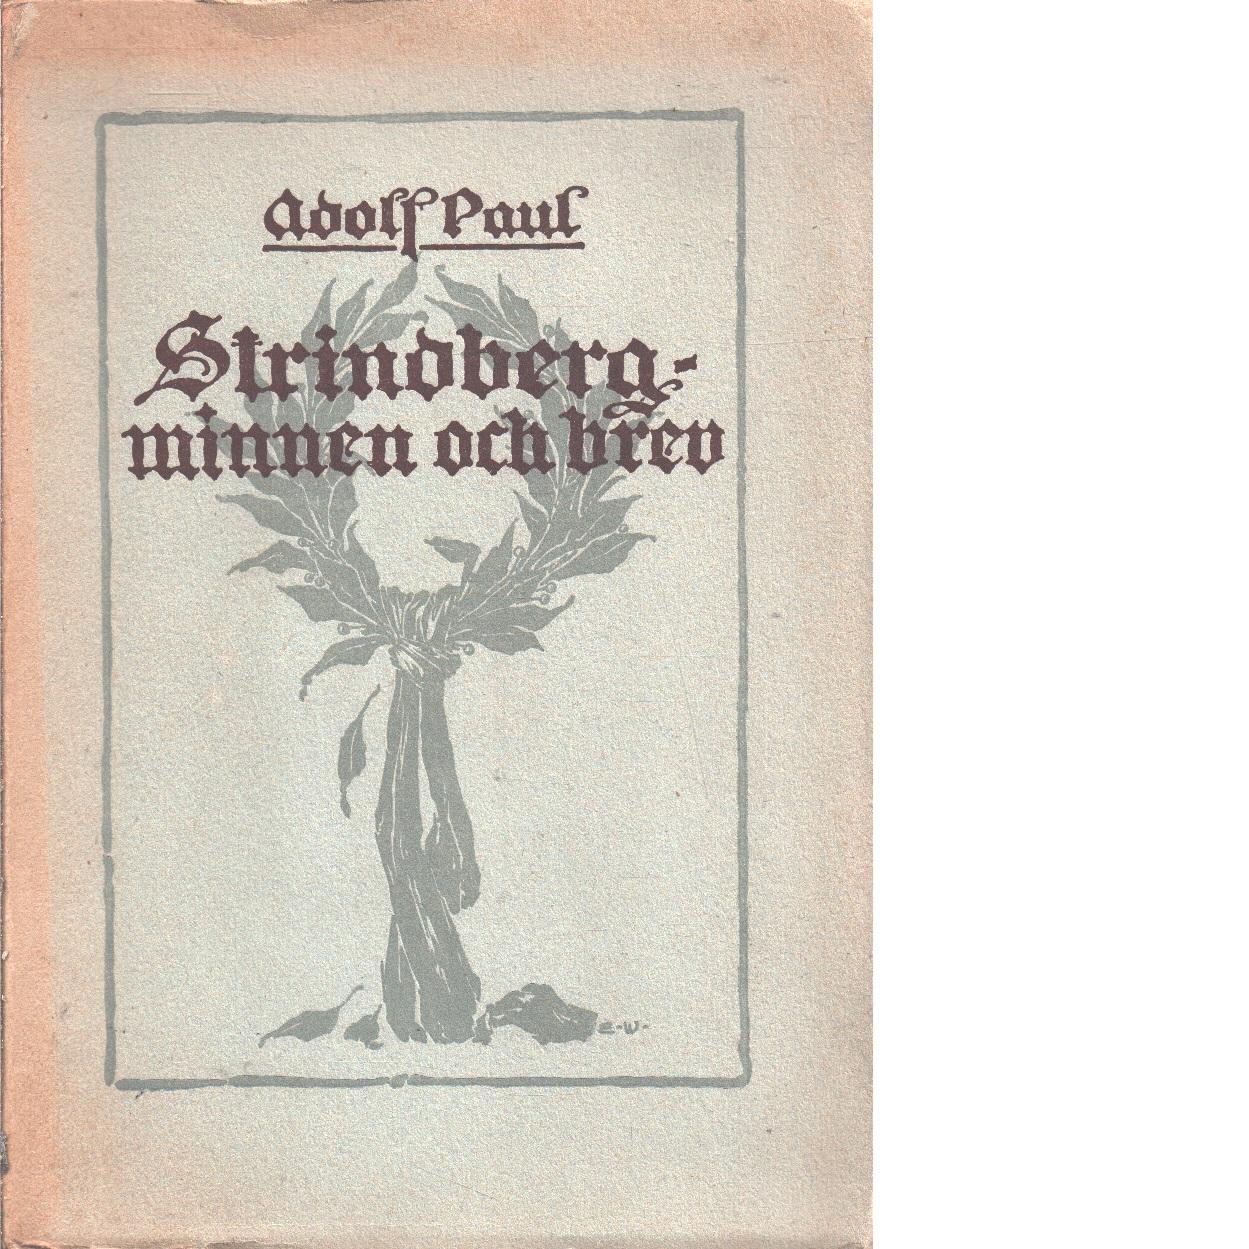 Strindberg-minnen och brev : med 2 porträtt - Paul, Adolf